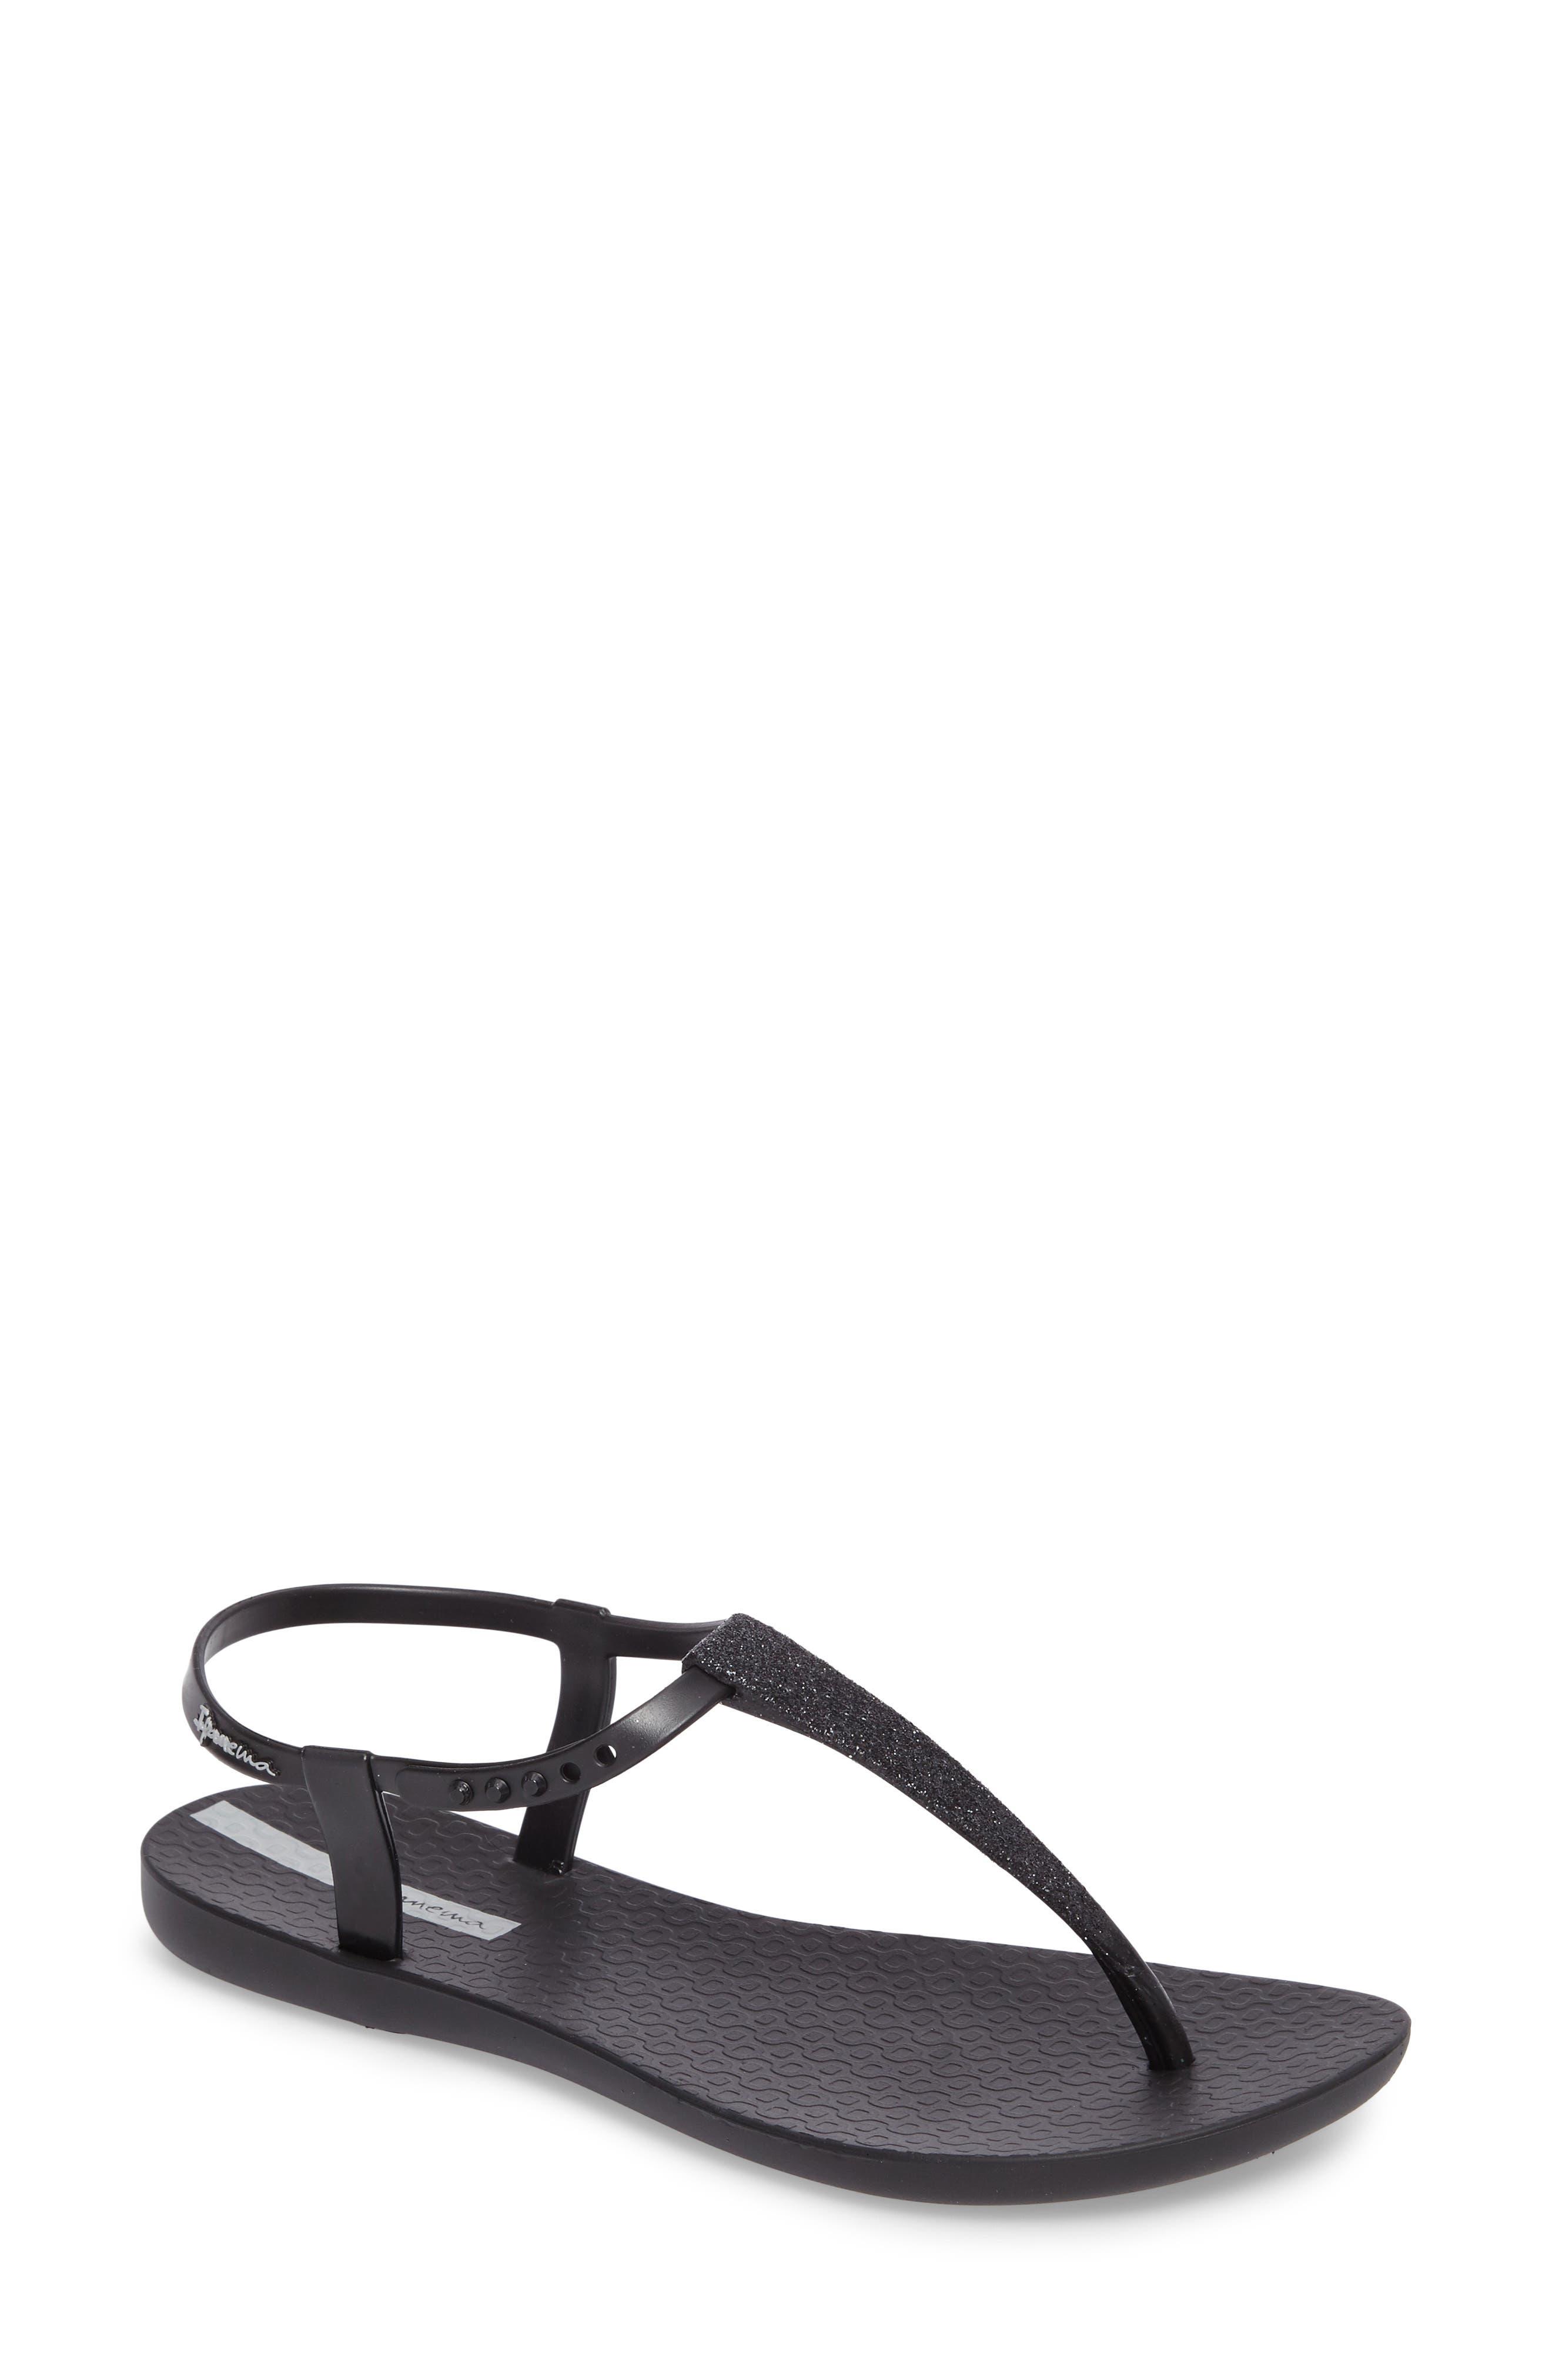 Shimmer Sandal,                             Main thumbnail 1, color,                             Black/ Black